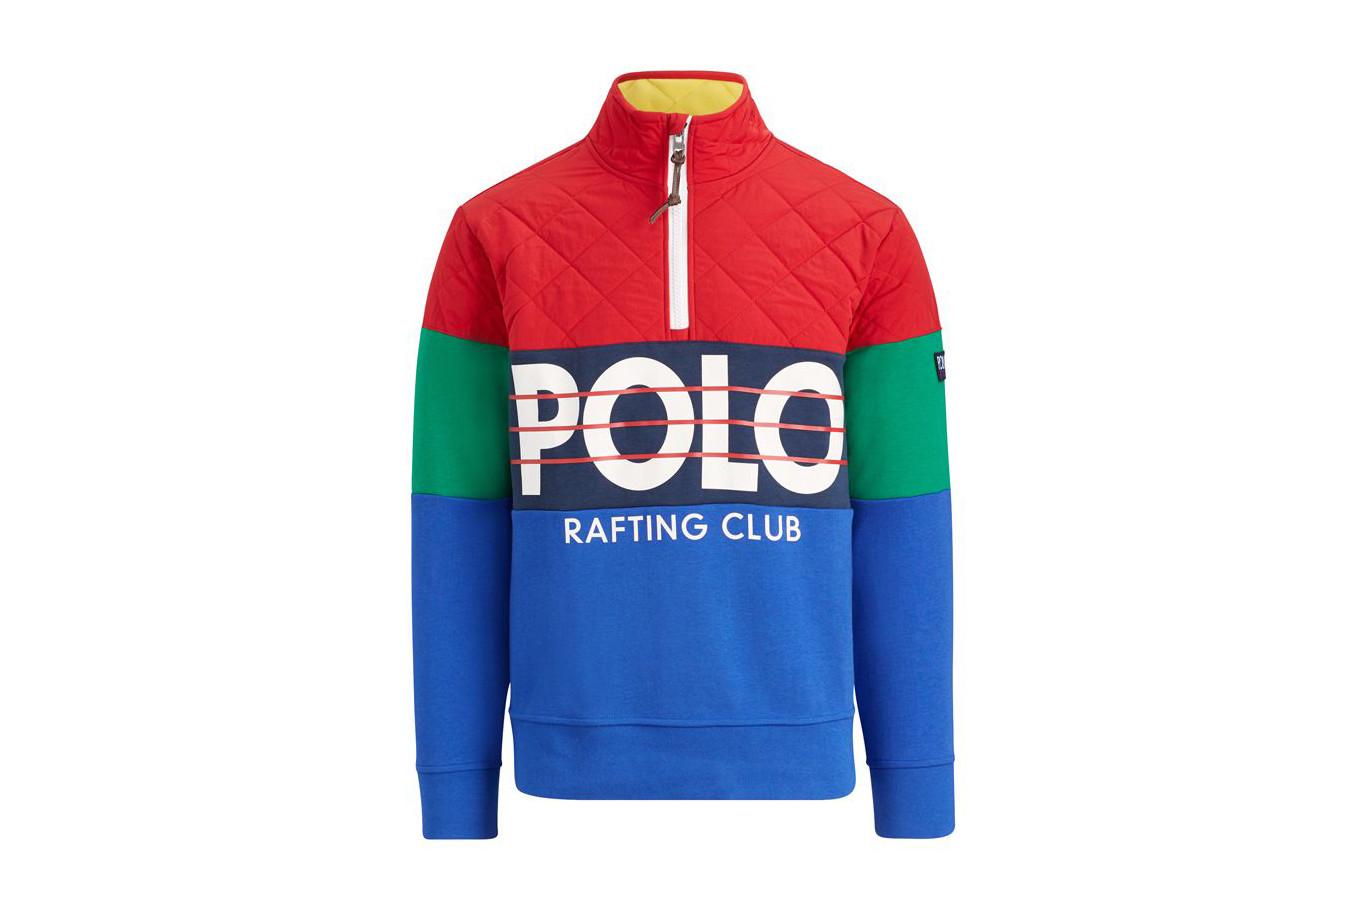 4465e601 Polo Ralph Lauren's